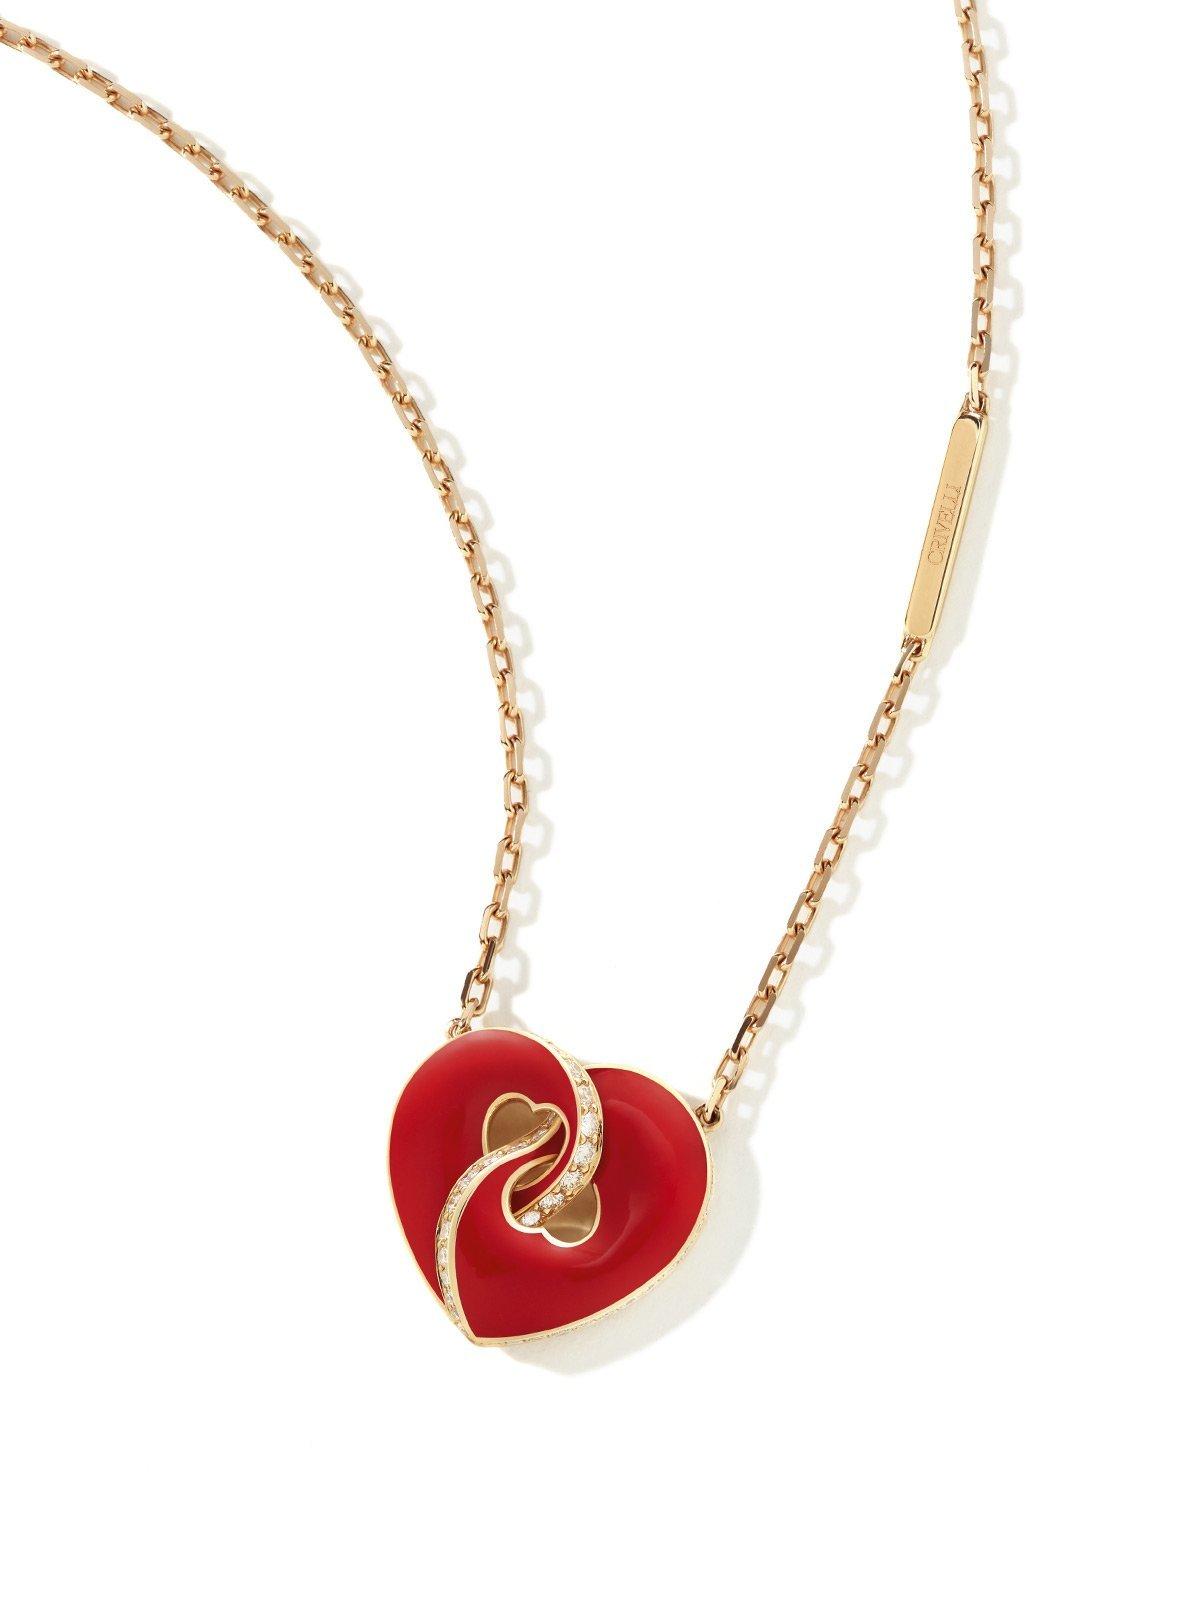 Red heart Necklace ABBRACCIO heart shaped necklace ORA PIÙ CHE MAI Crivelli